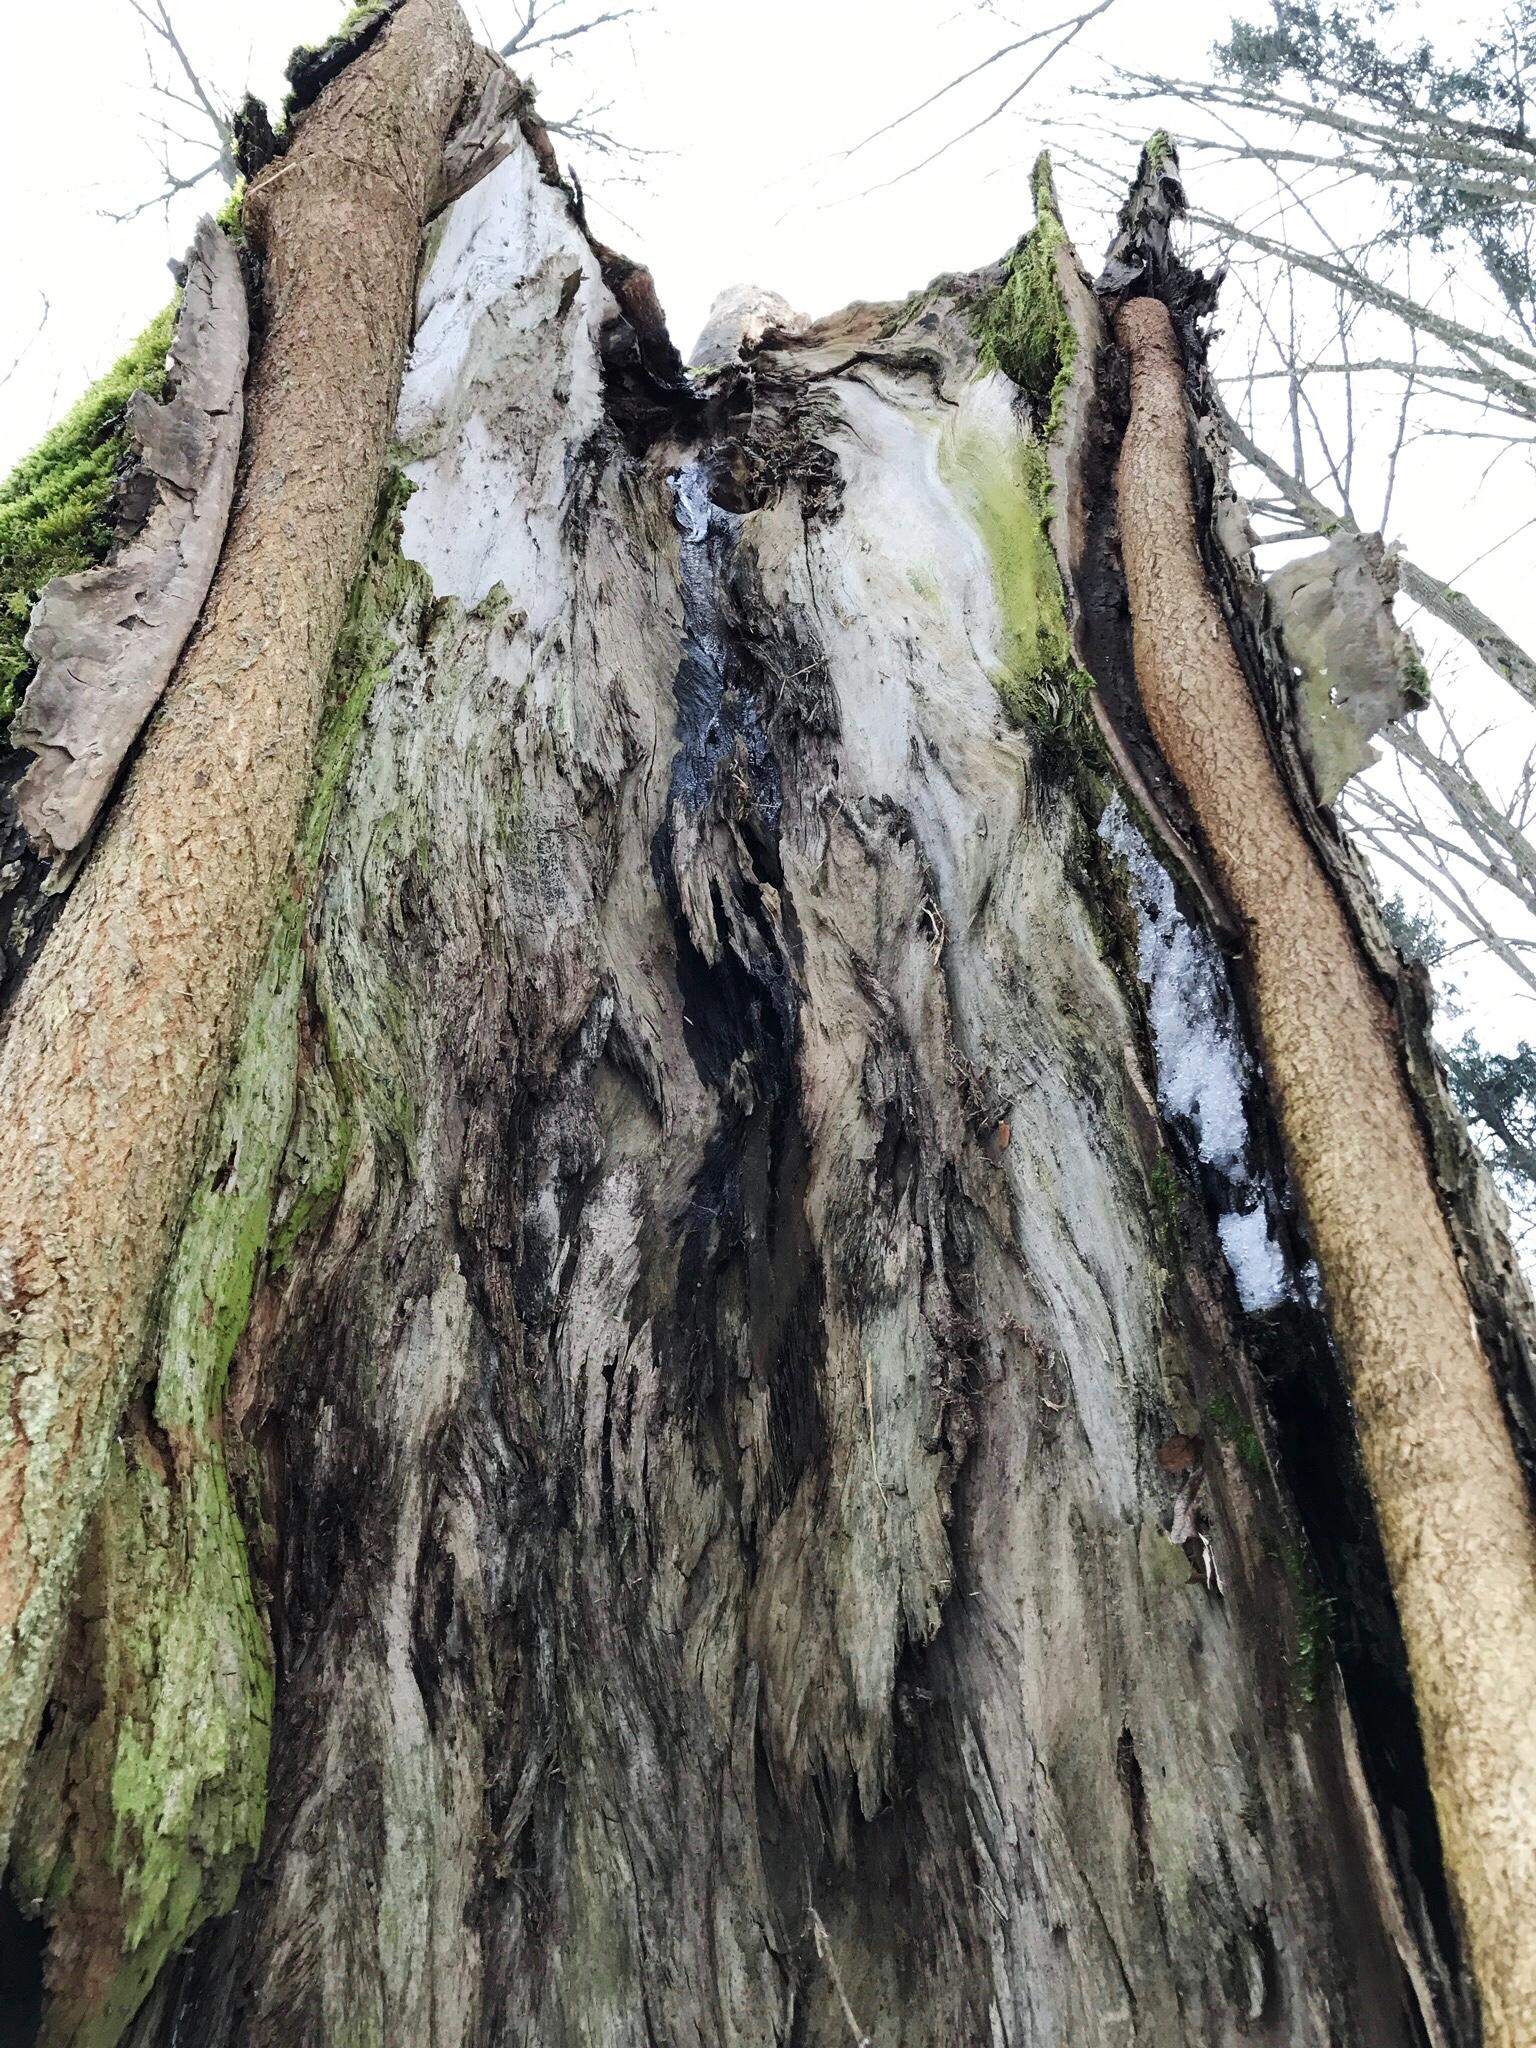 inside-hollow-tree-bialowieza-forest.jpg